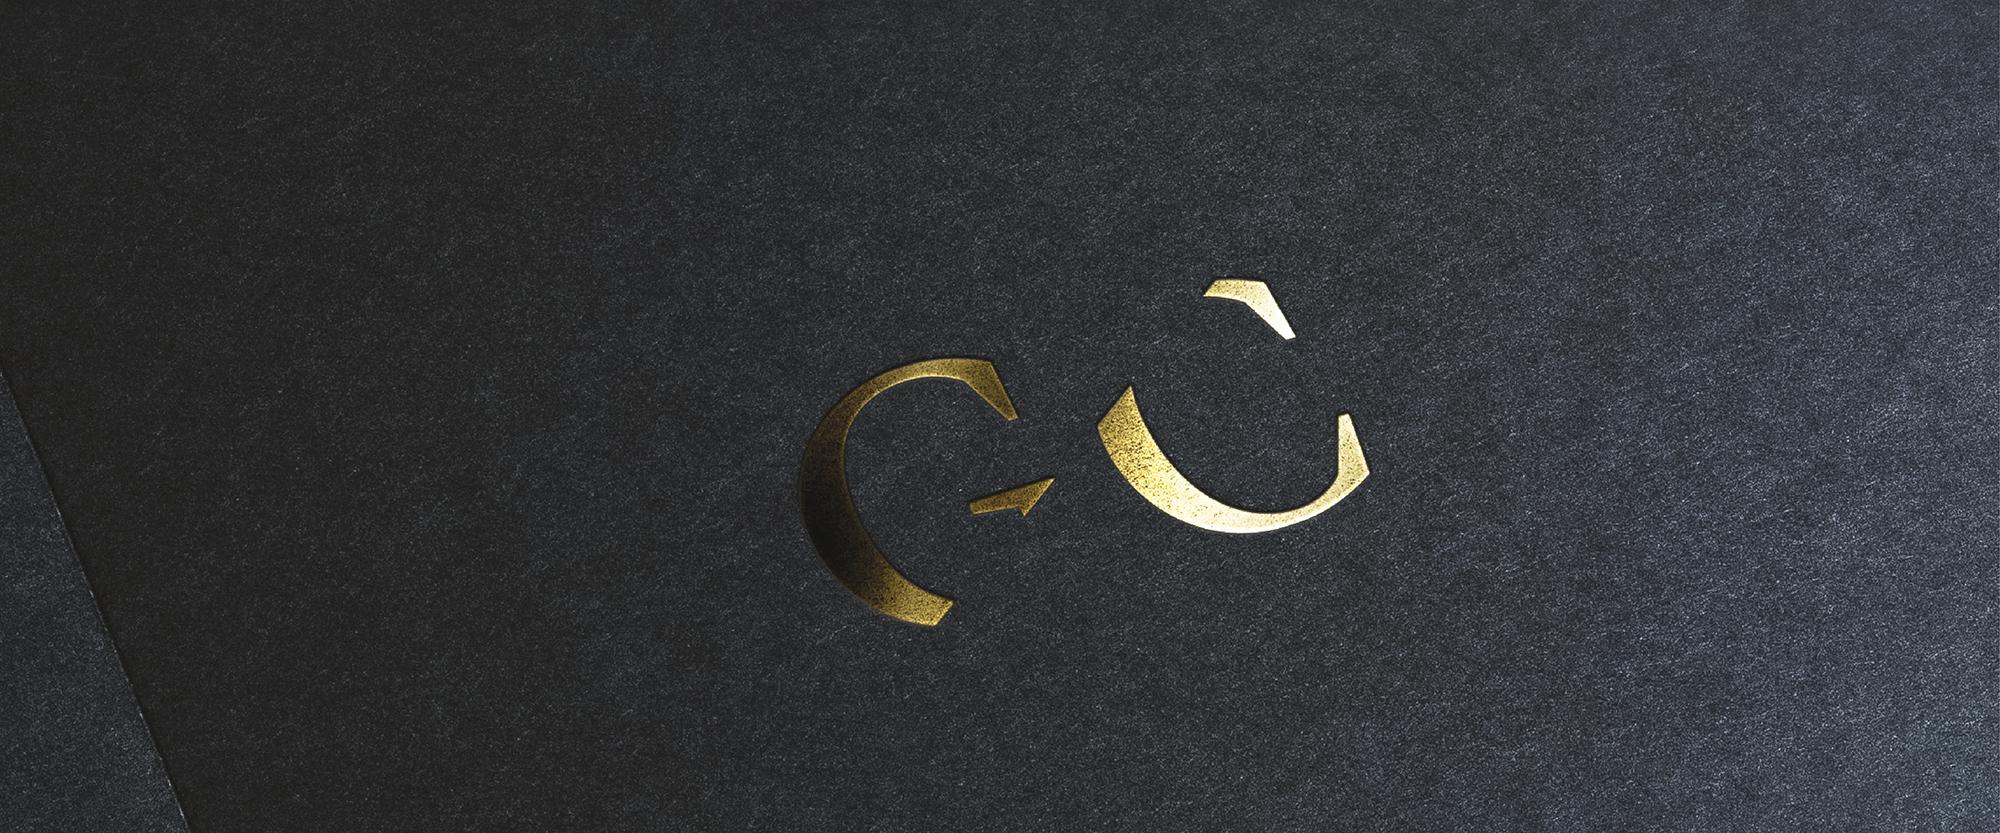 gc_design_manual_artboards-08-copy